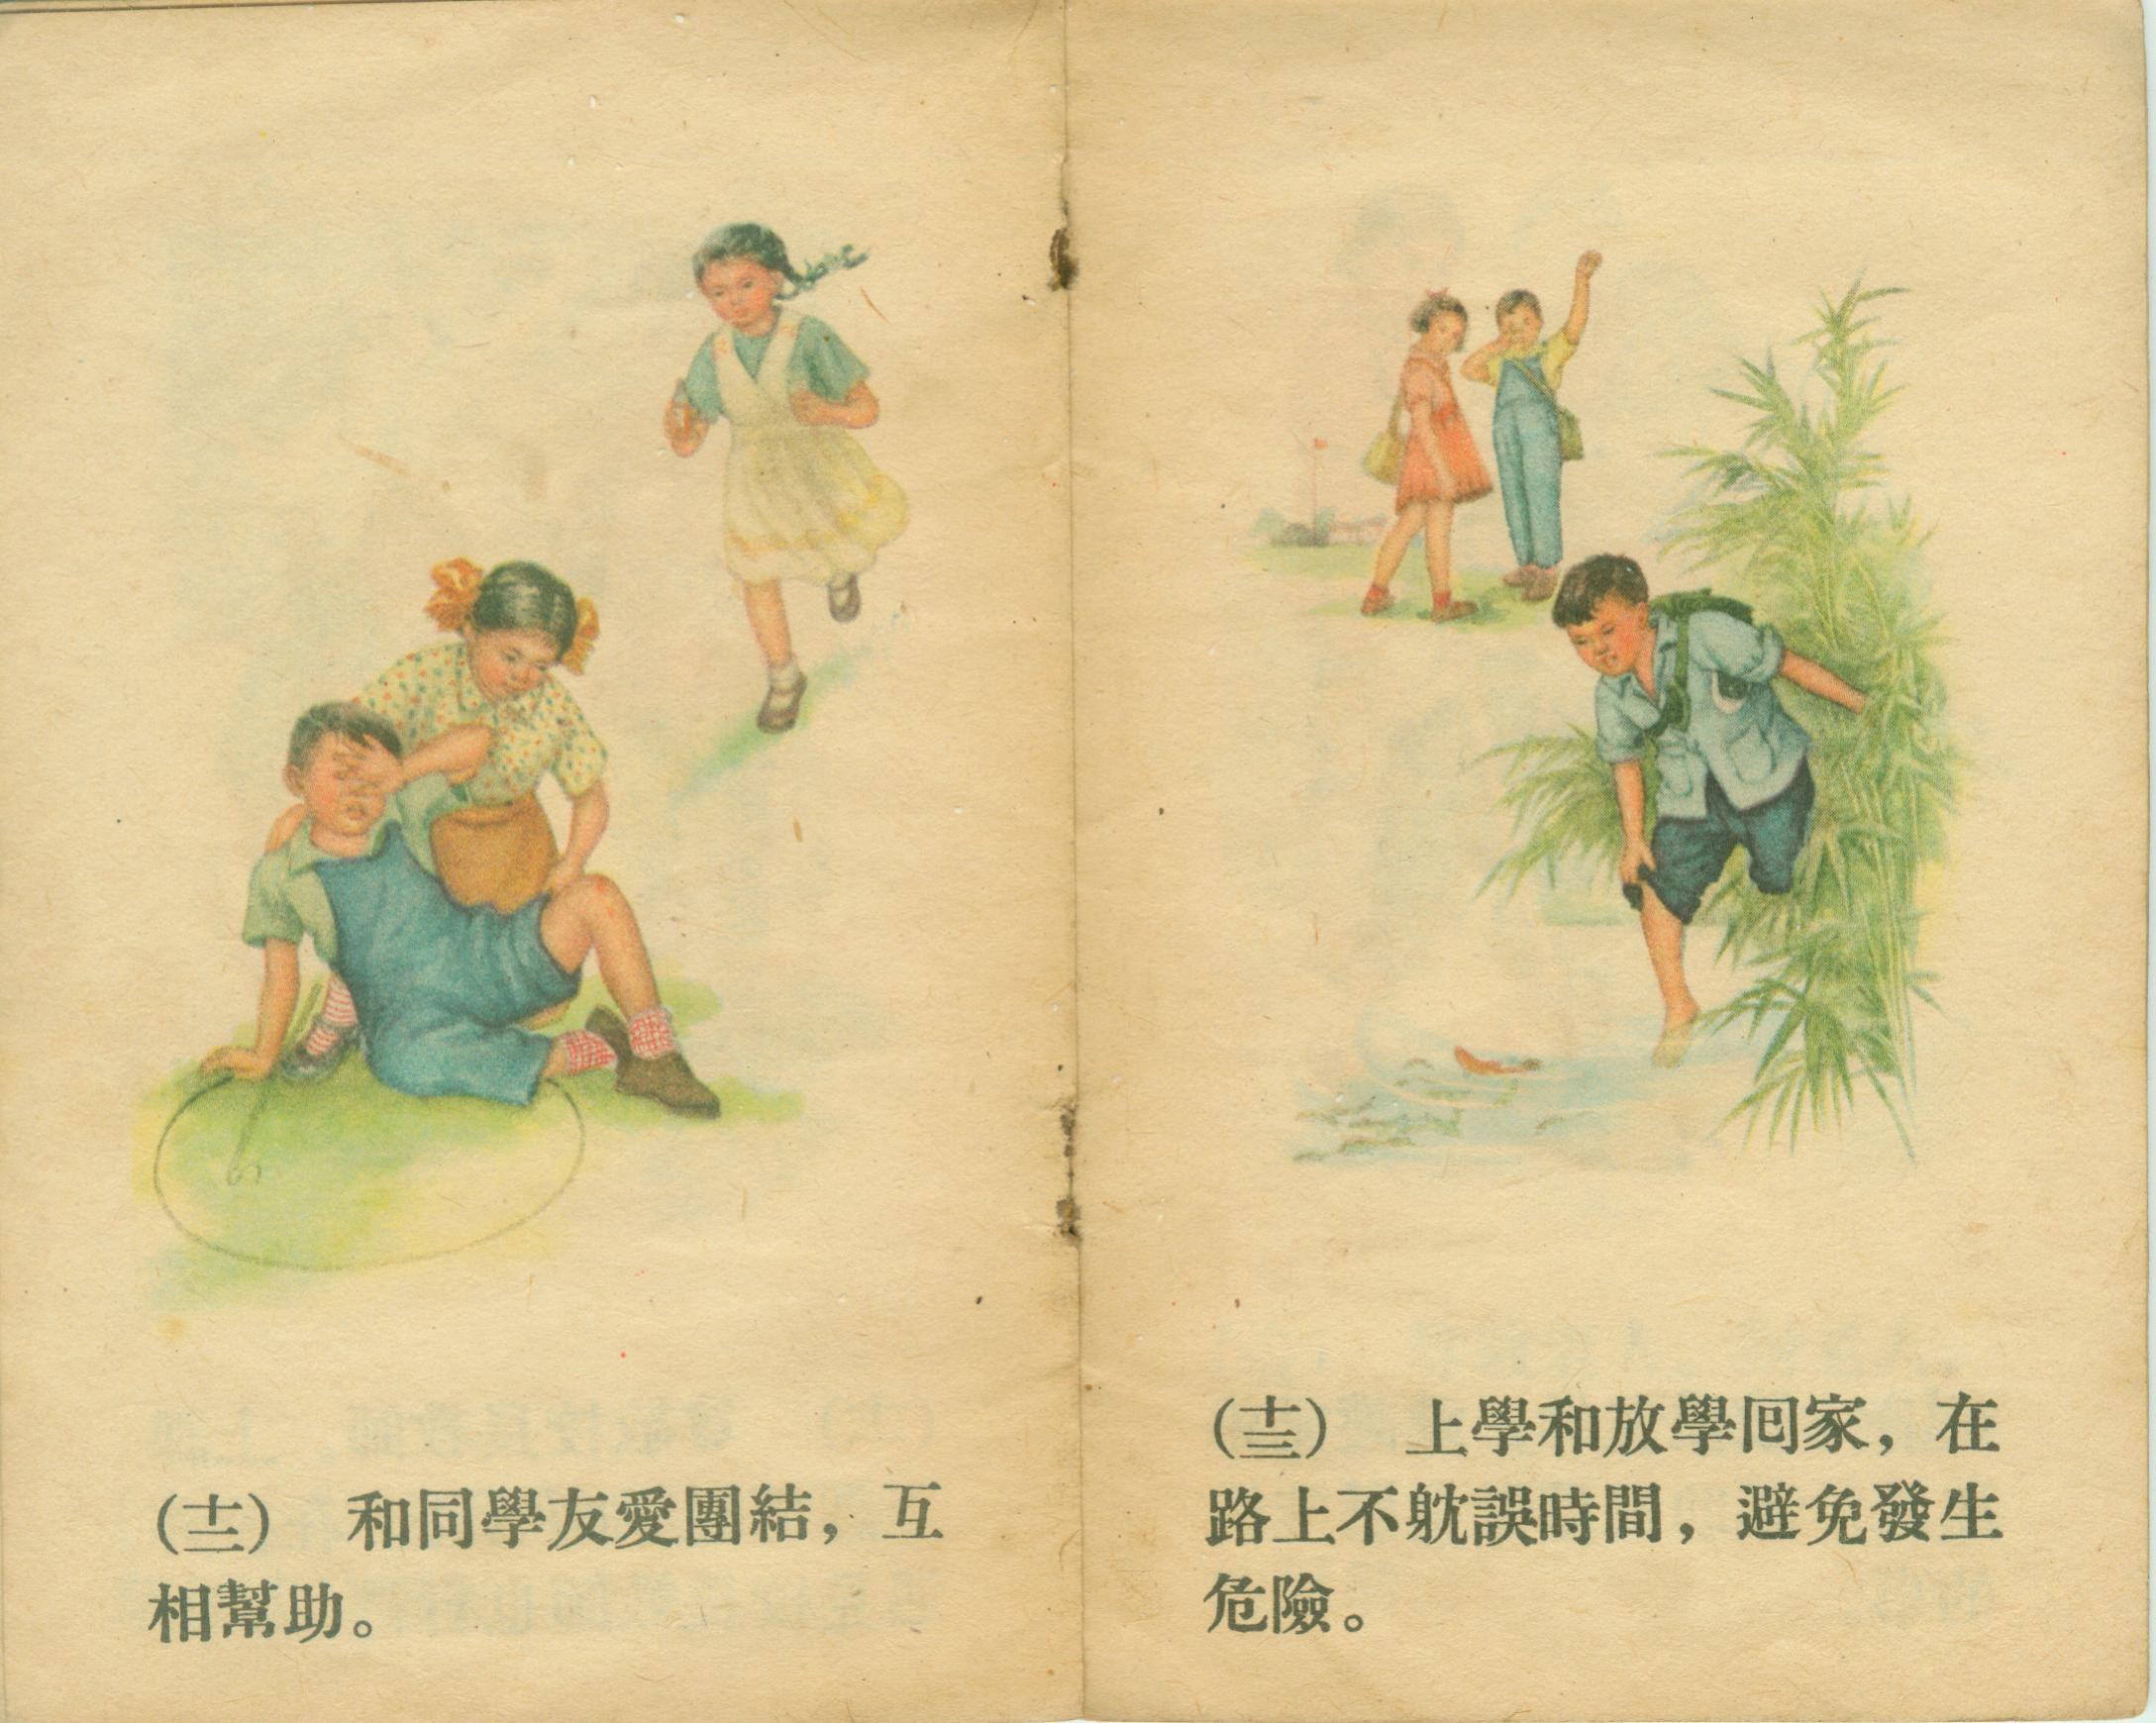 1955年小学生守则图解,来自武汉市洪山区永安小学